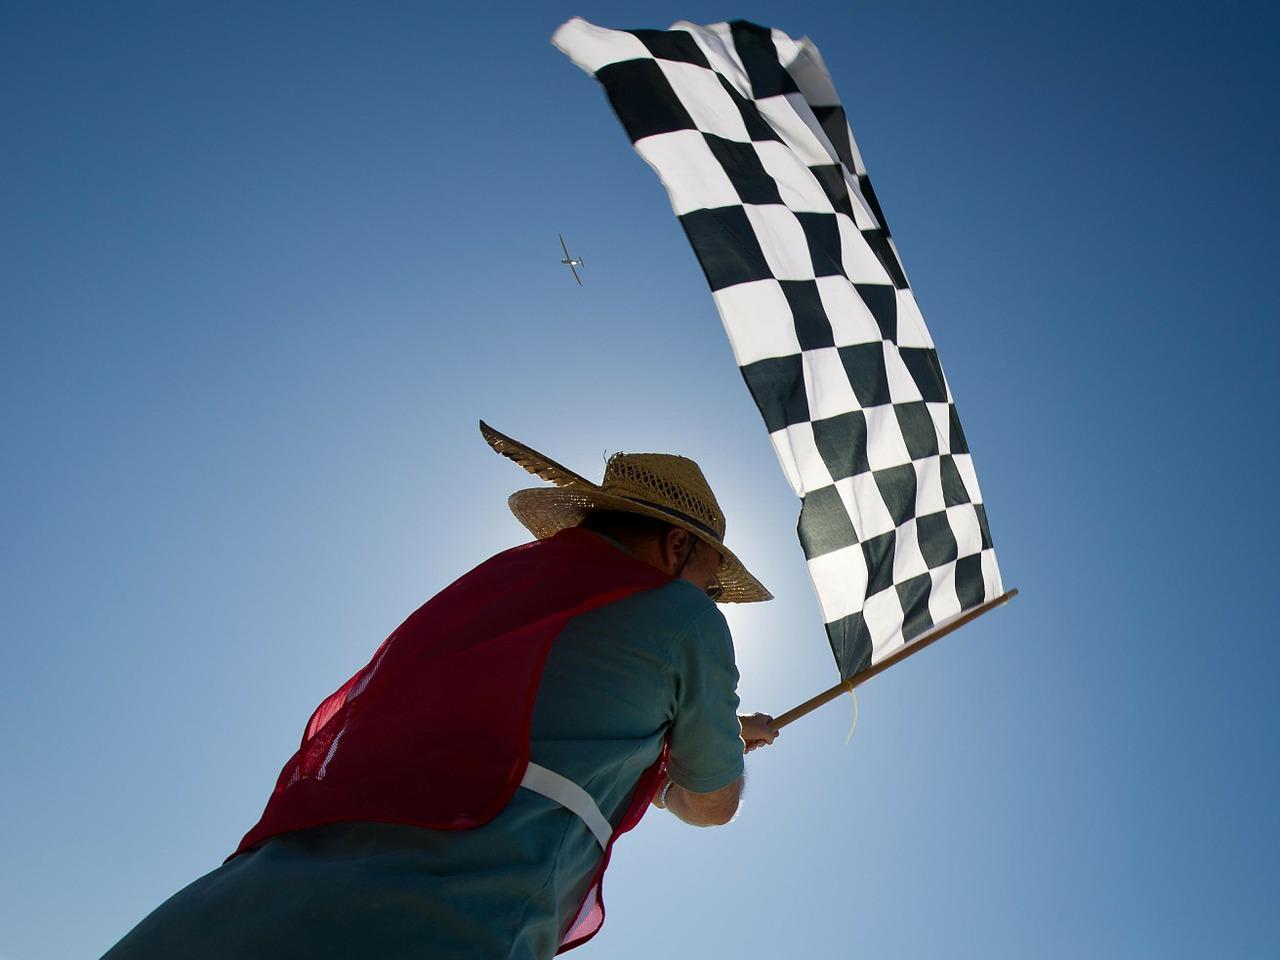 Eine Person schwenkt eine Zielflagge mit Schachbrettmuster